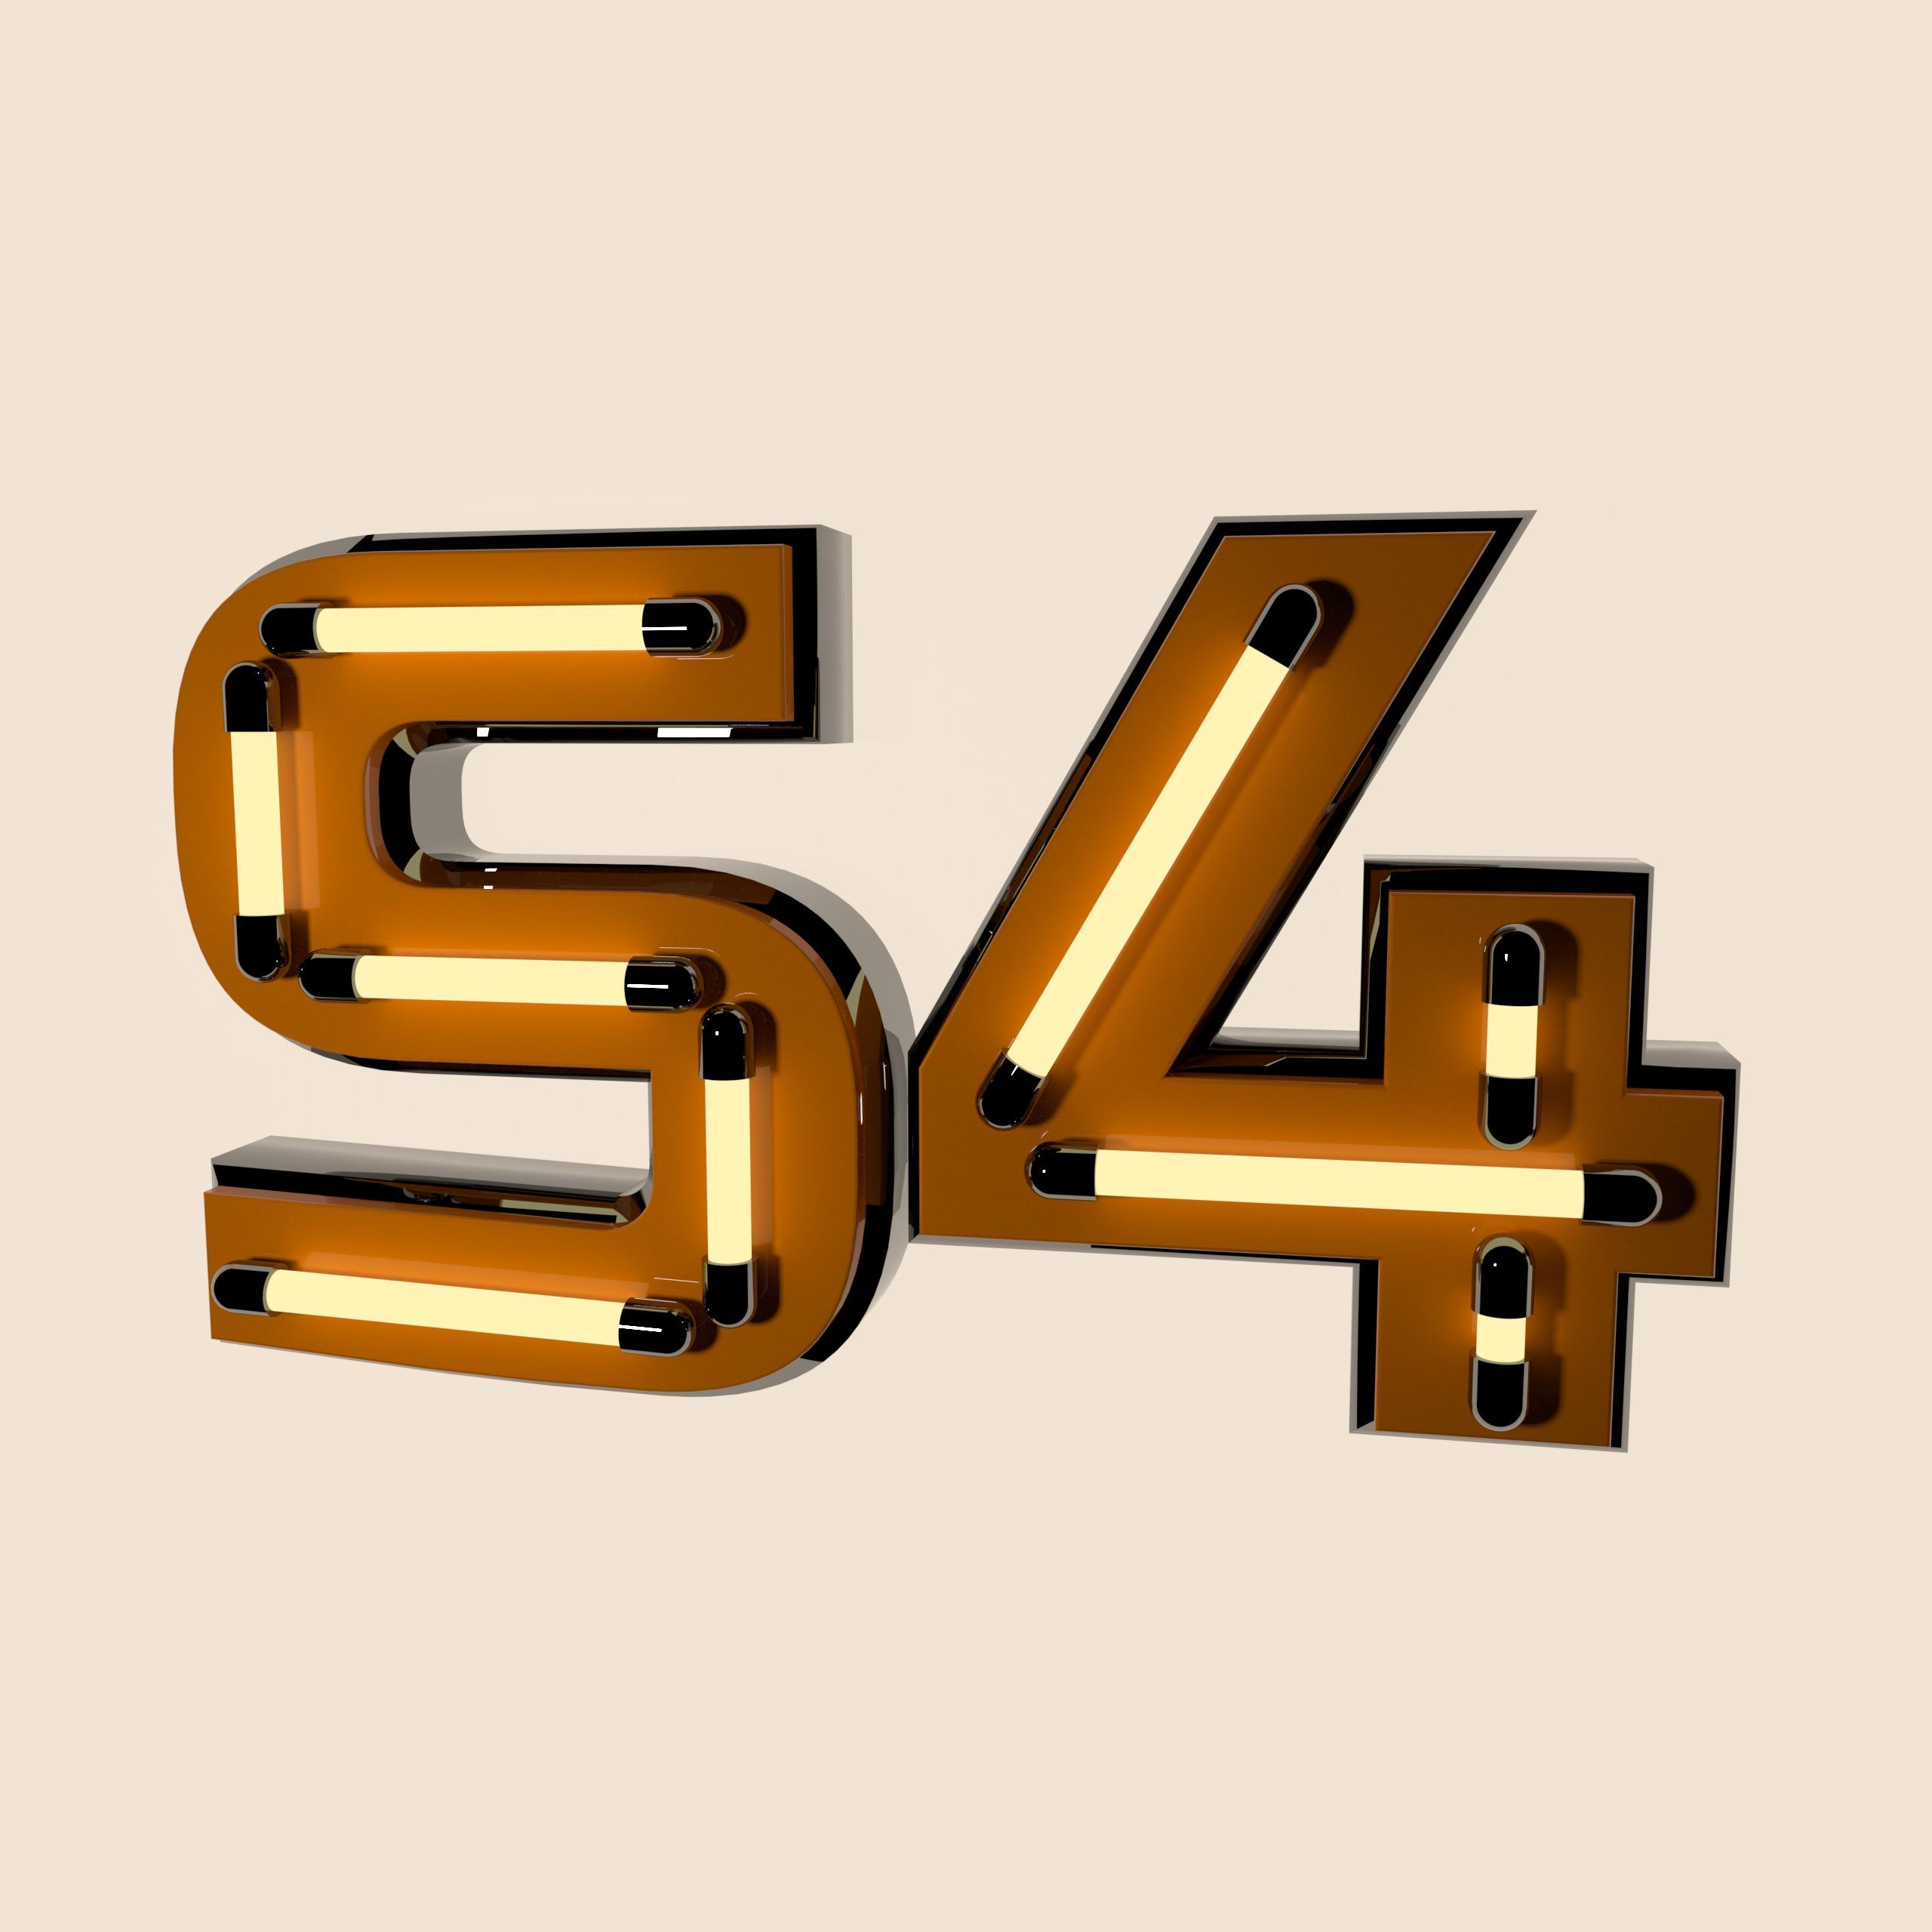 samgaryerkin5